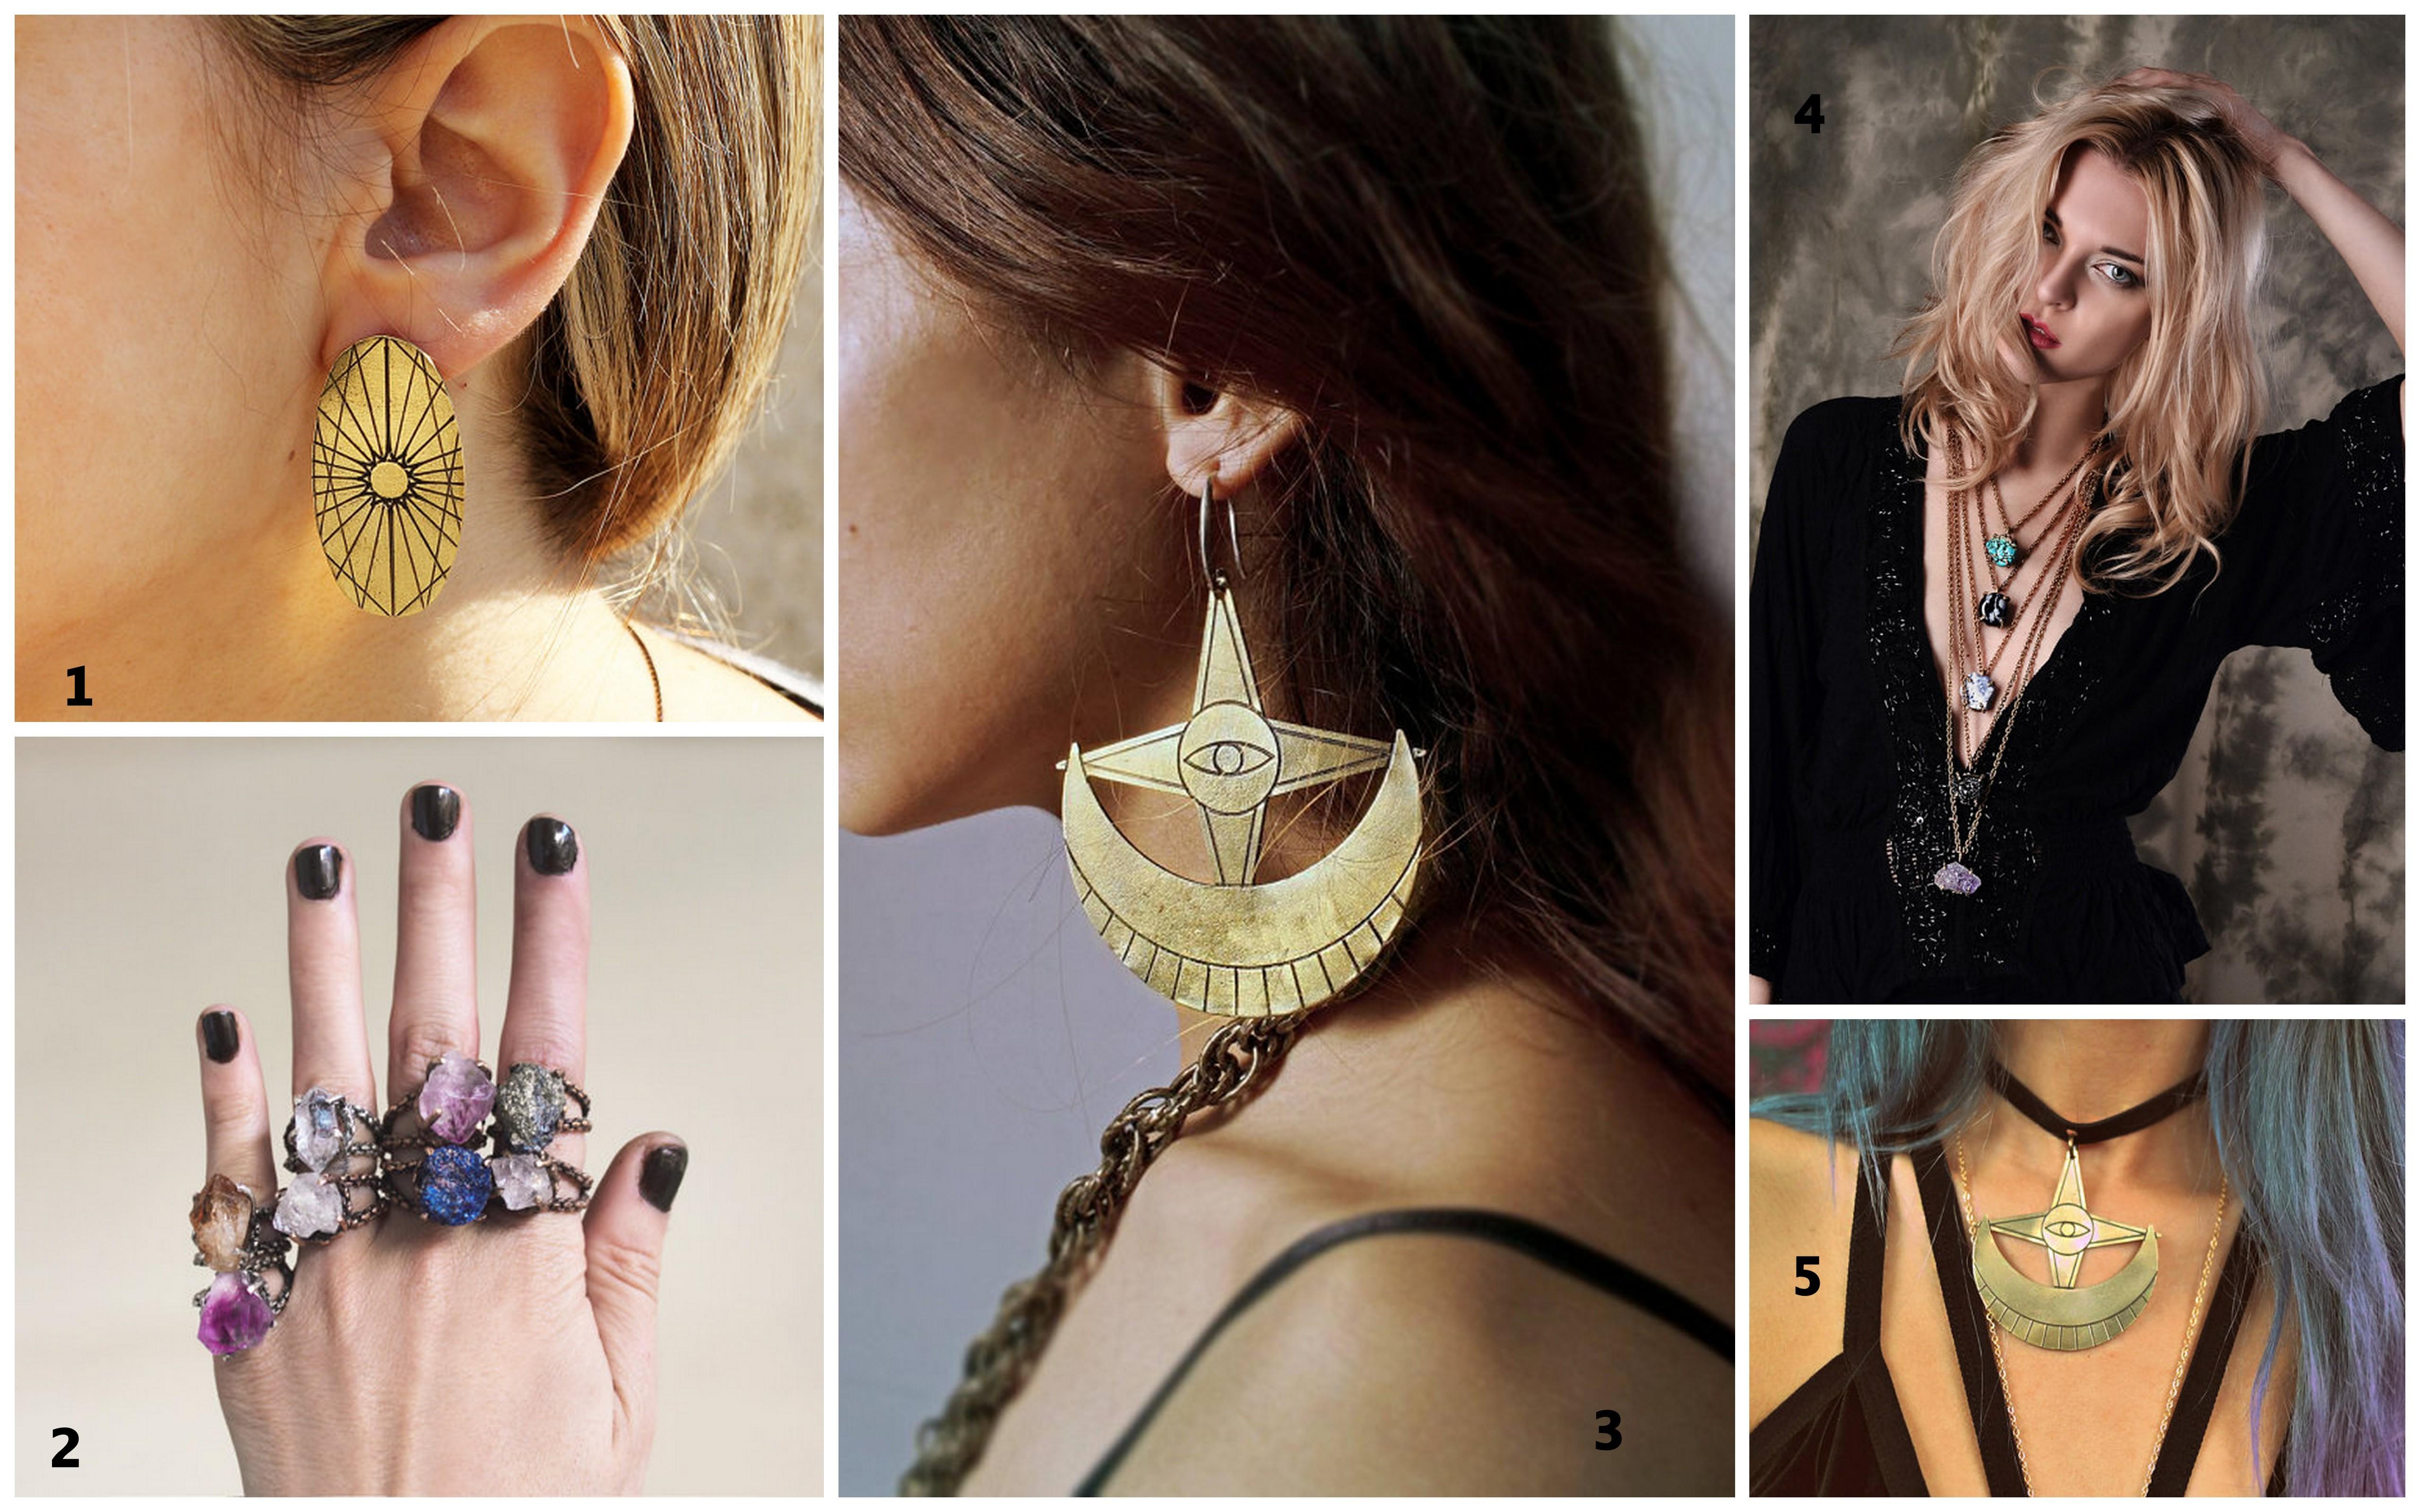 sanktoleno jewelry1 collage